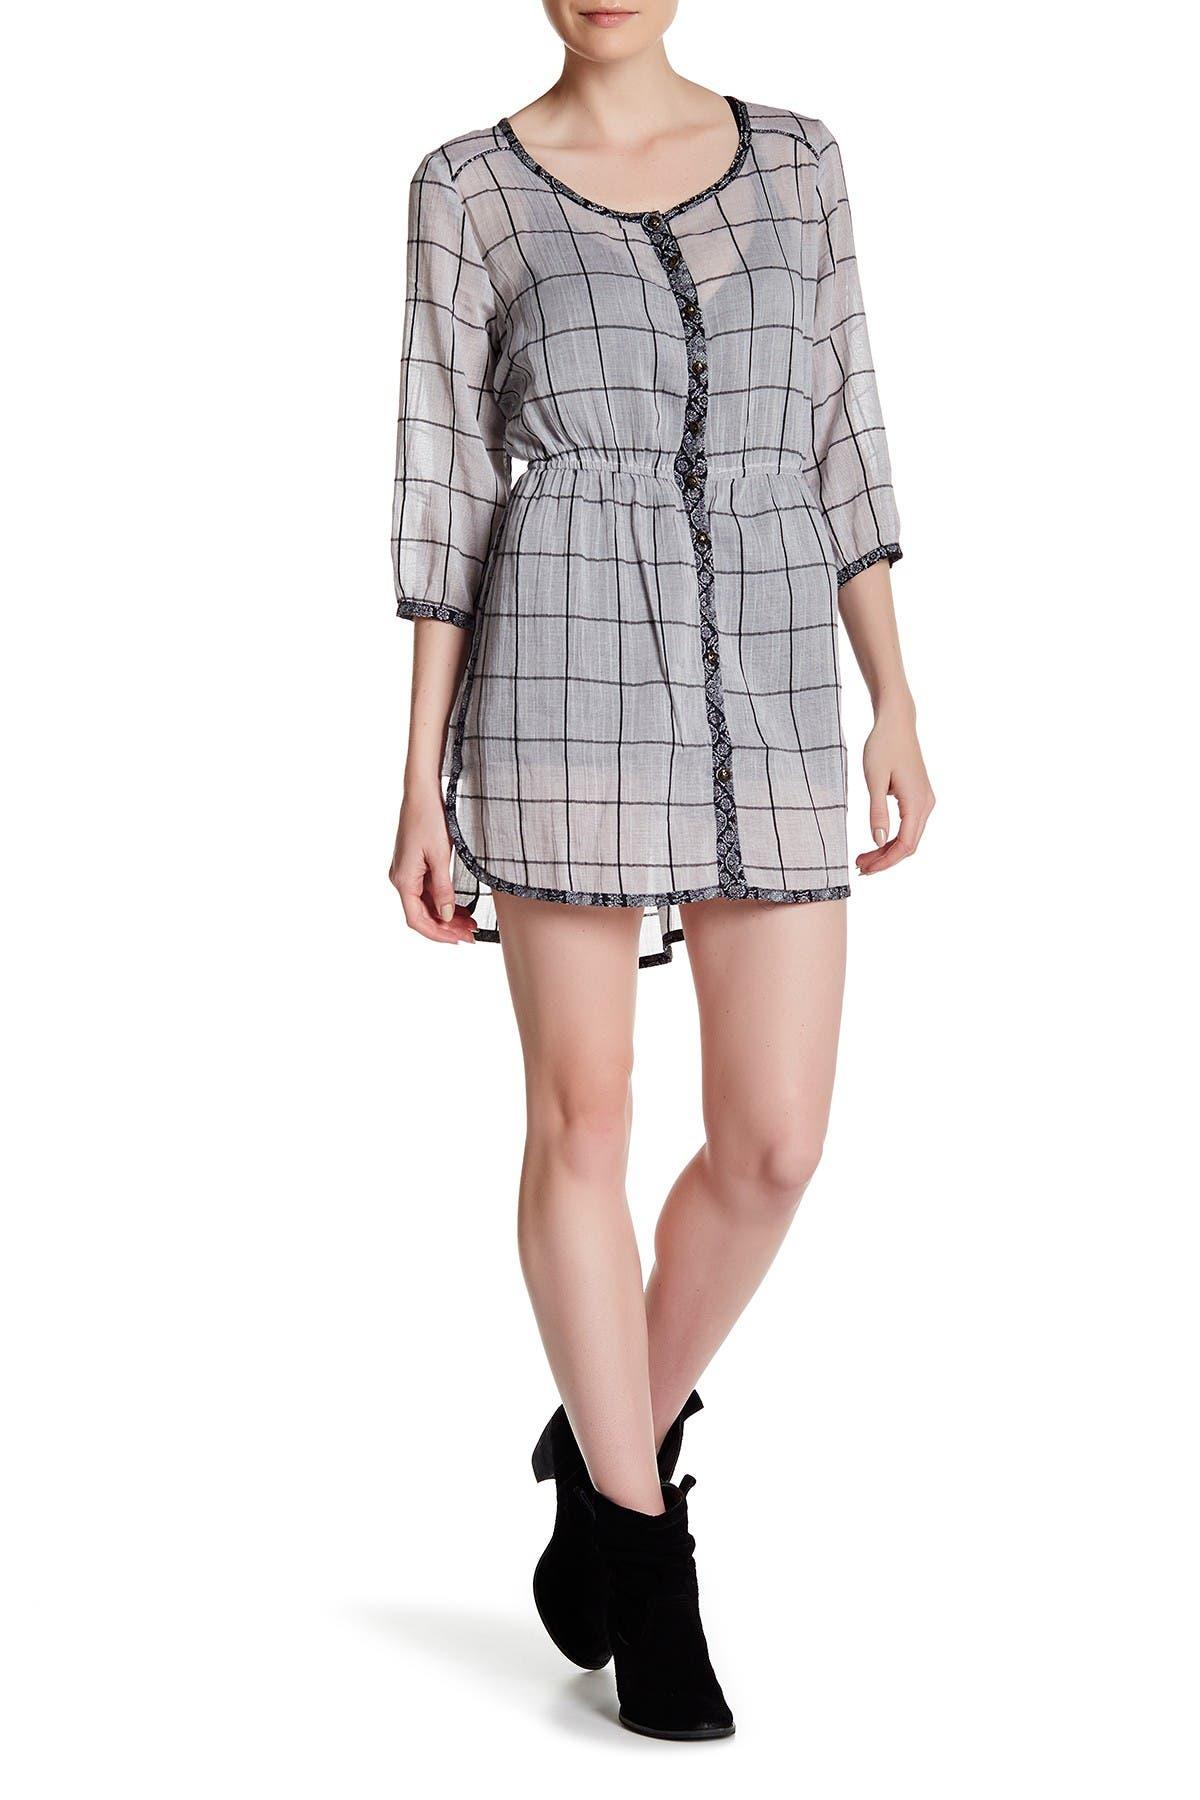 Image of ARATTA Ines Windowpane Shirt Dress